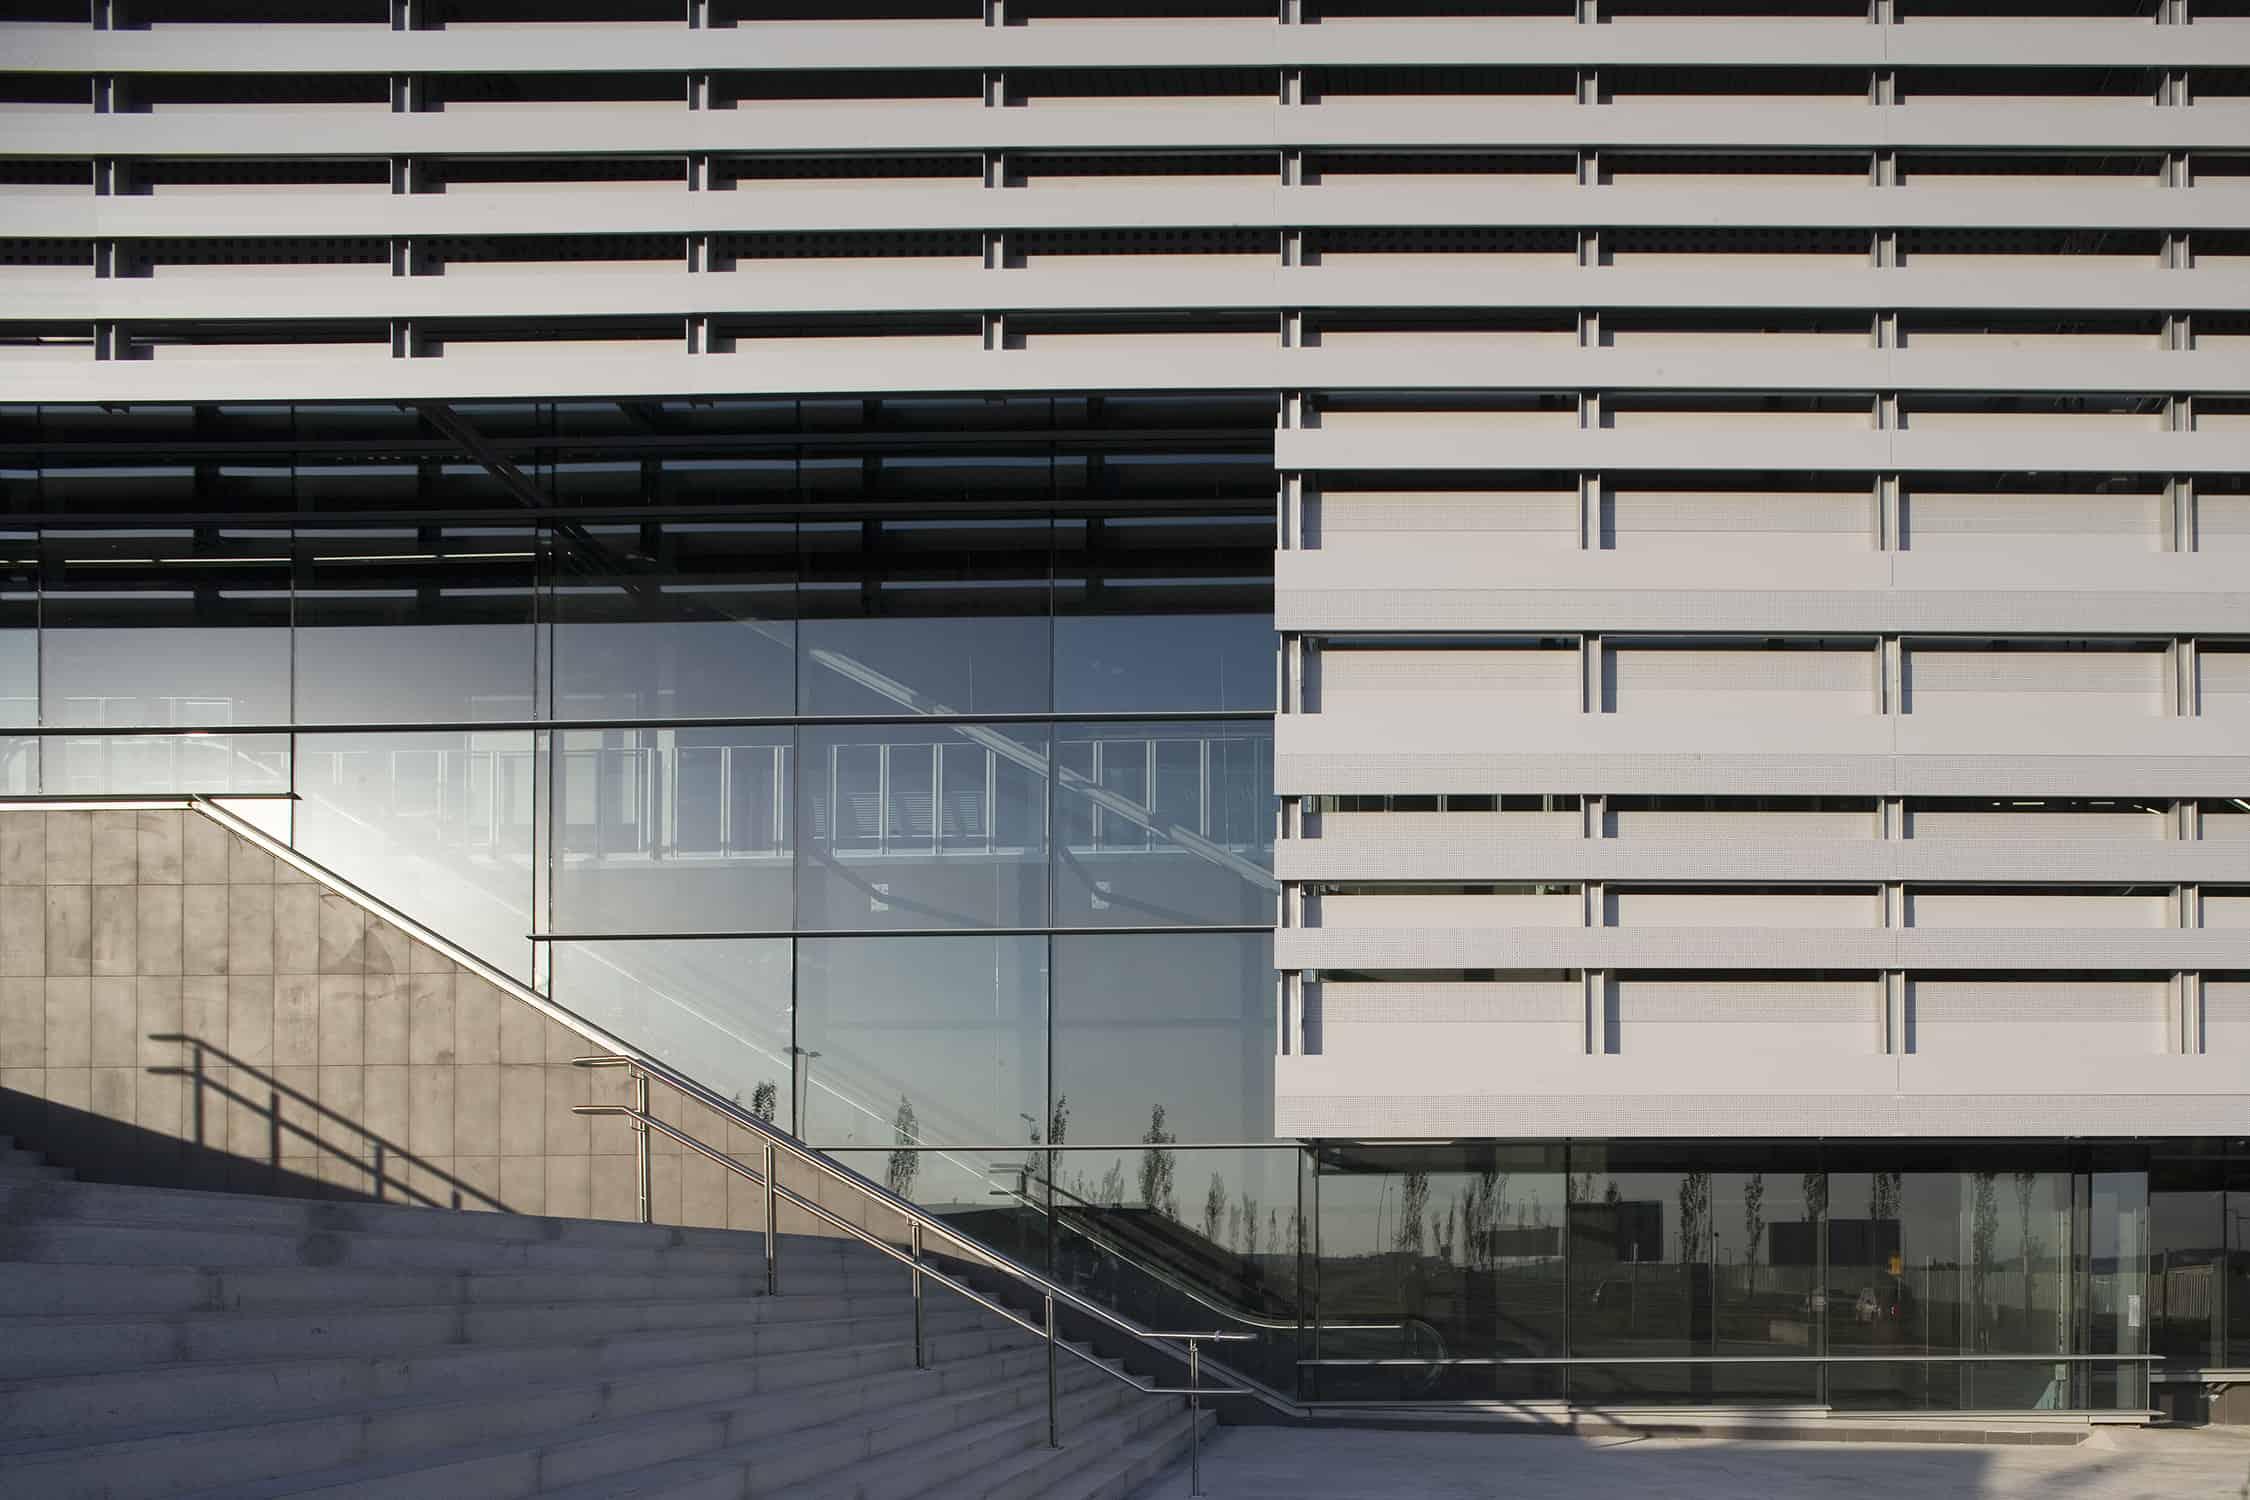 arquitectura transporte - Estación METRO de MADRID_LGV+LANDINEZ+REY   equipo L2G arquitectos, slp [eL2Gaa ] - arquitectura del transporte